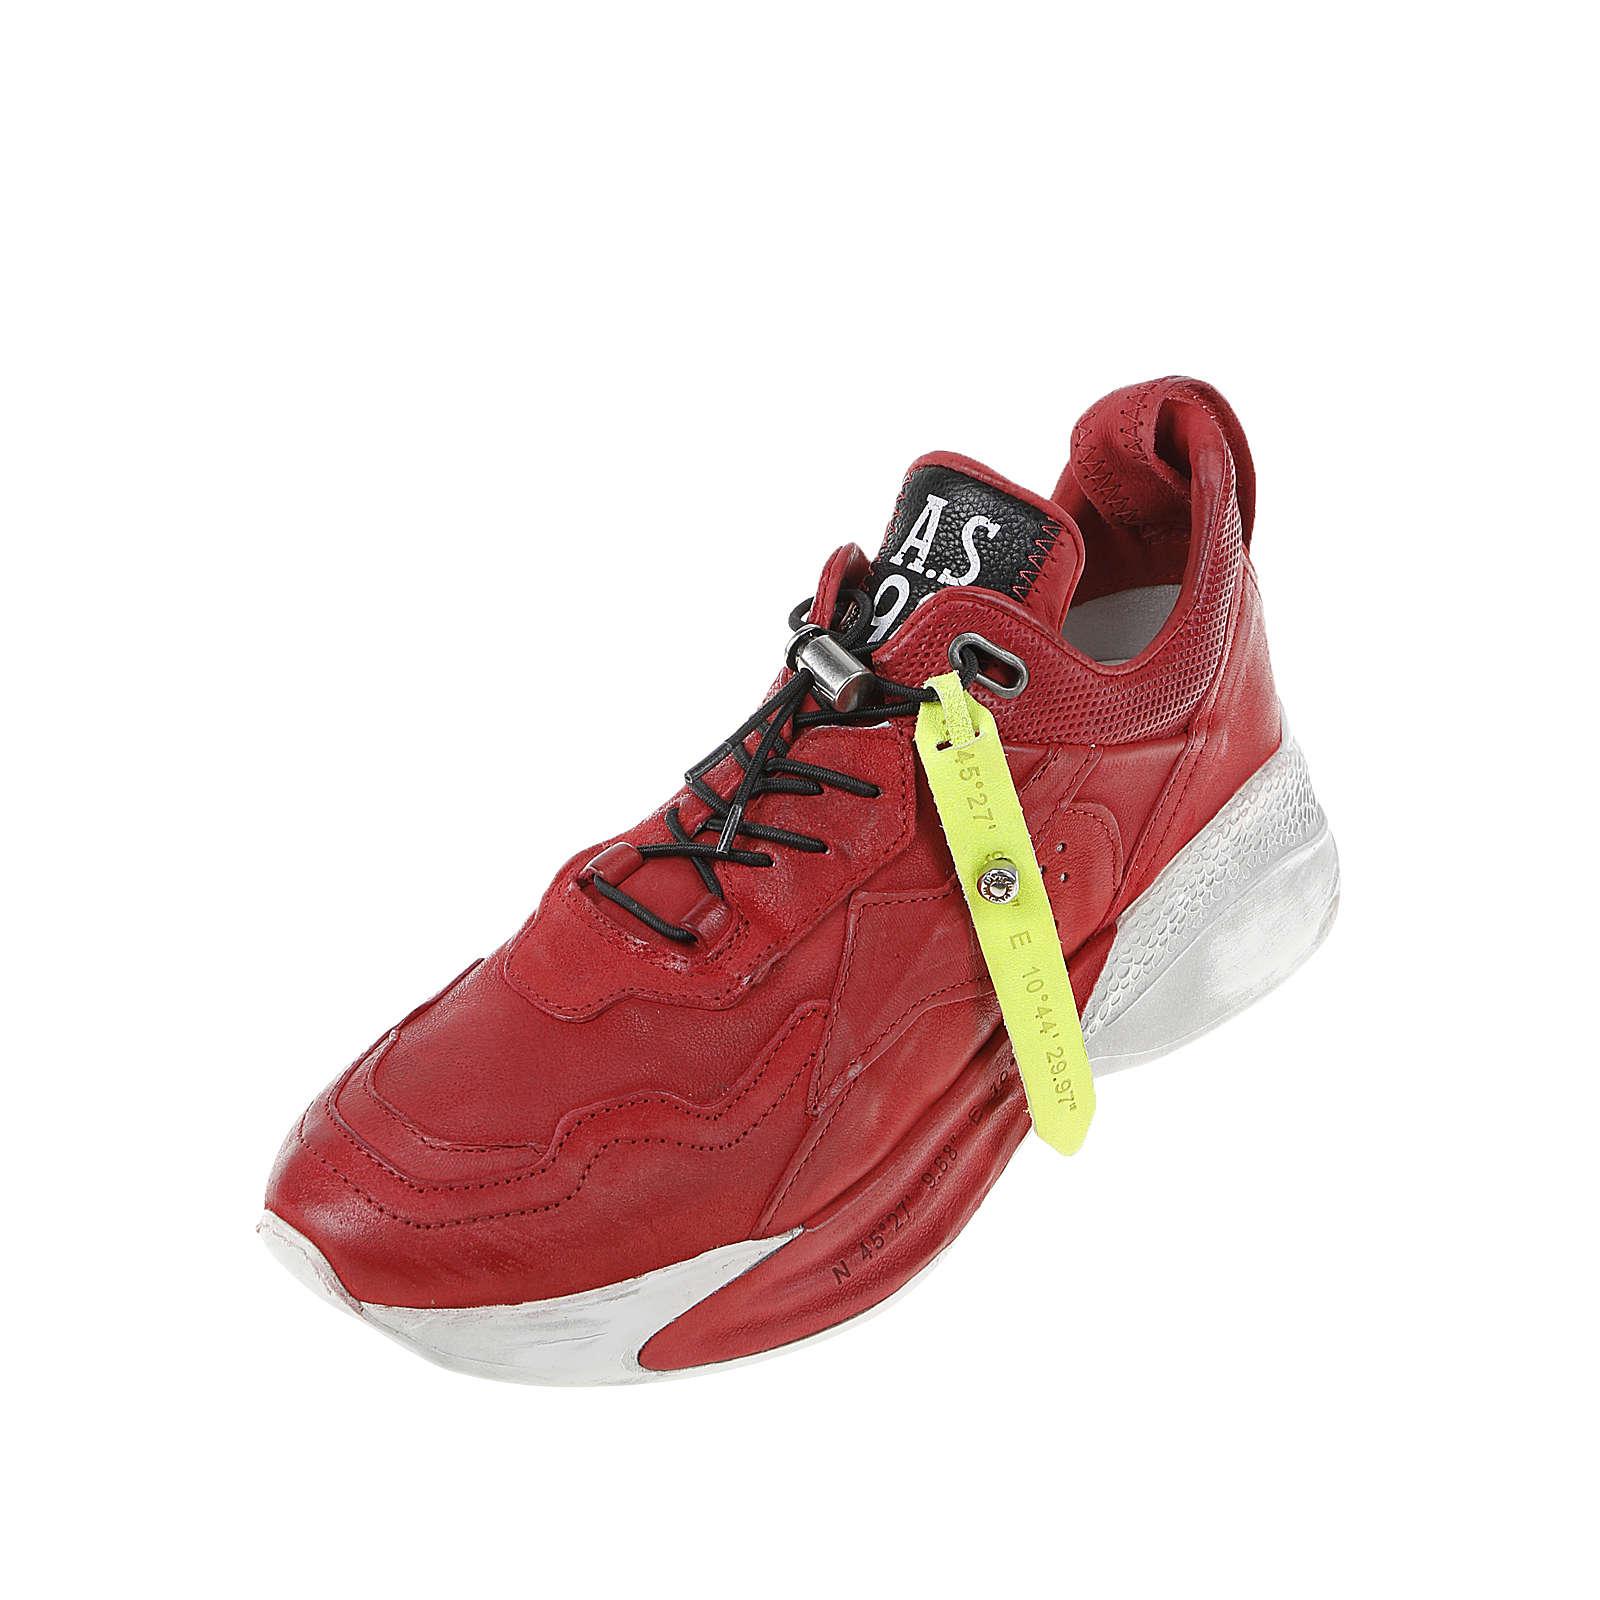 A.S.98 Sneaker Sneakers Low rot Damen Gr. 40